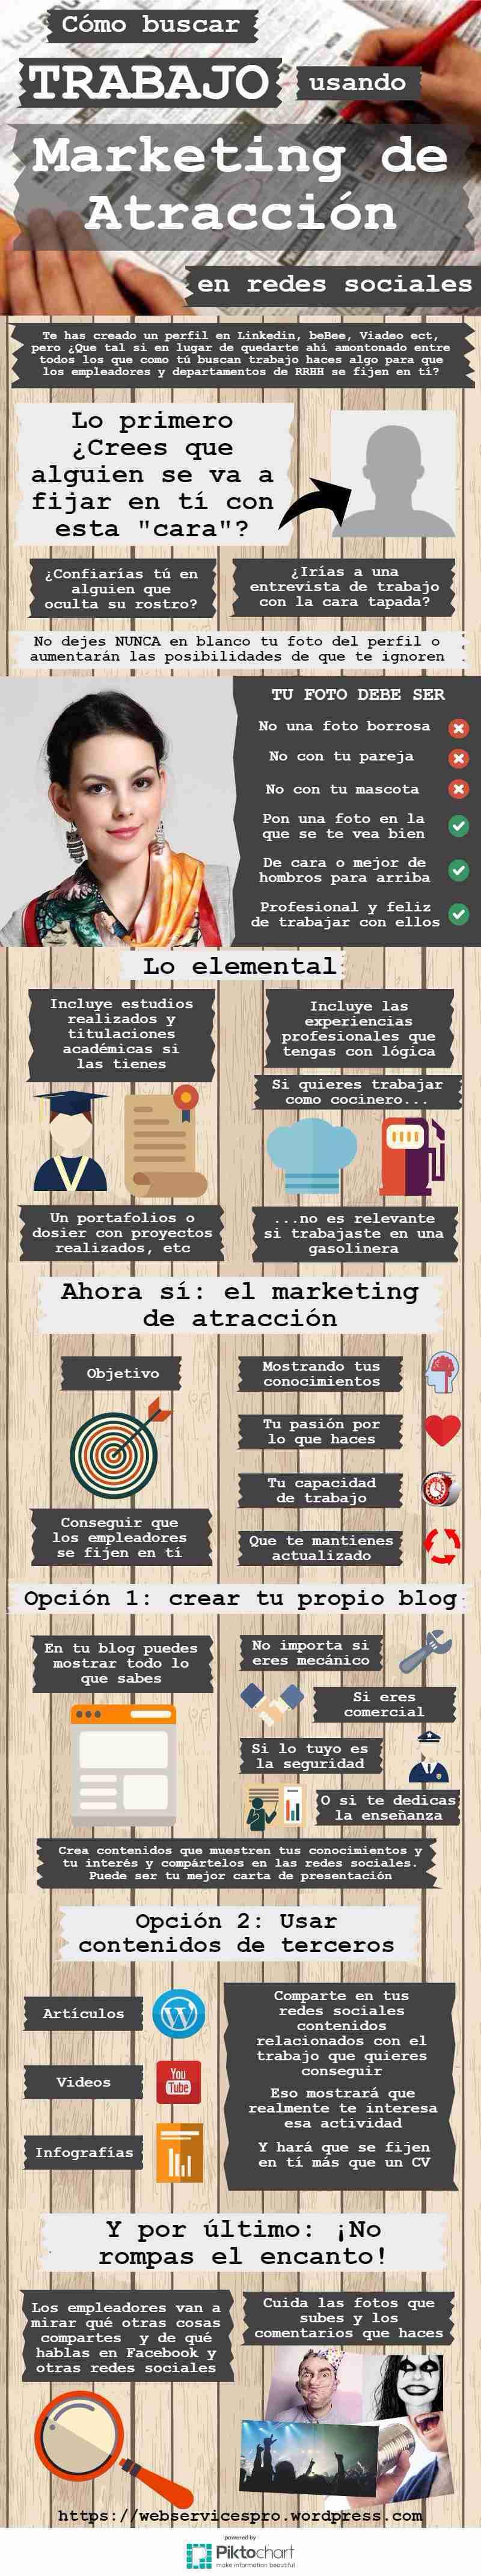 Buscar trabajo con marketing de atracción en Redes Sociales #infografia #marketing #empleo